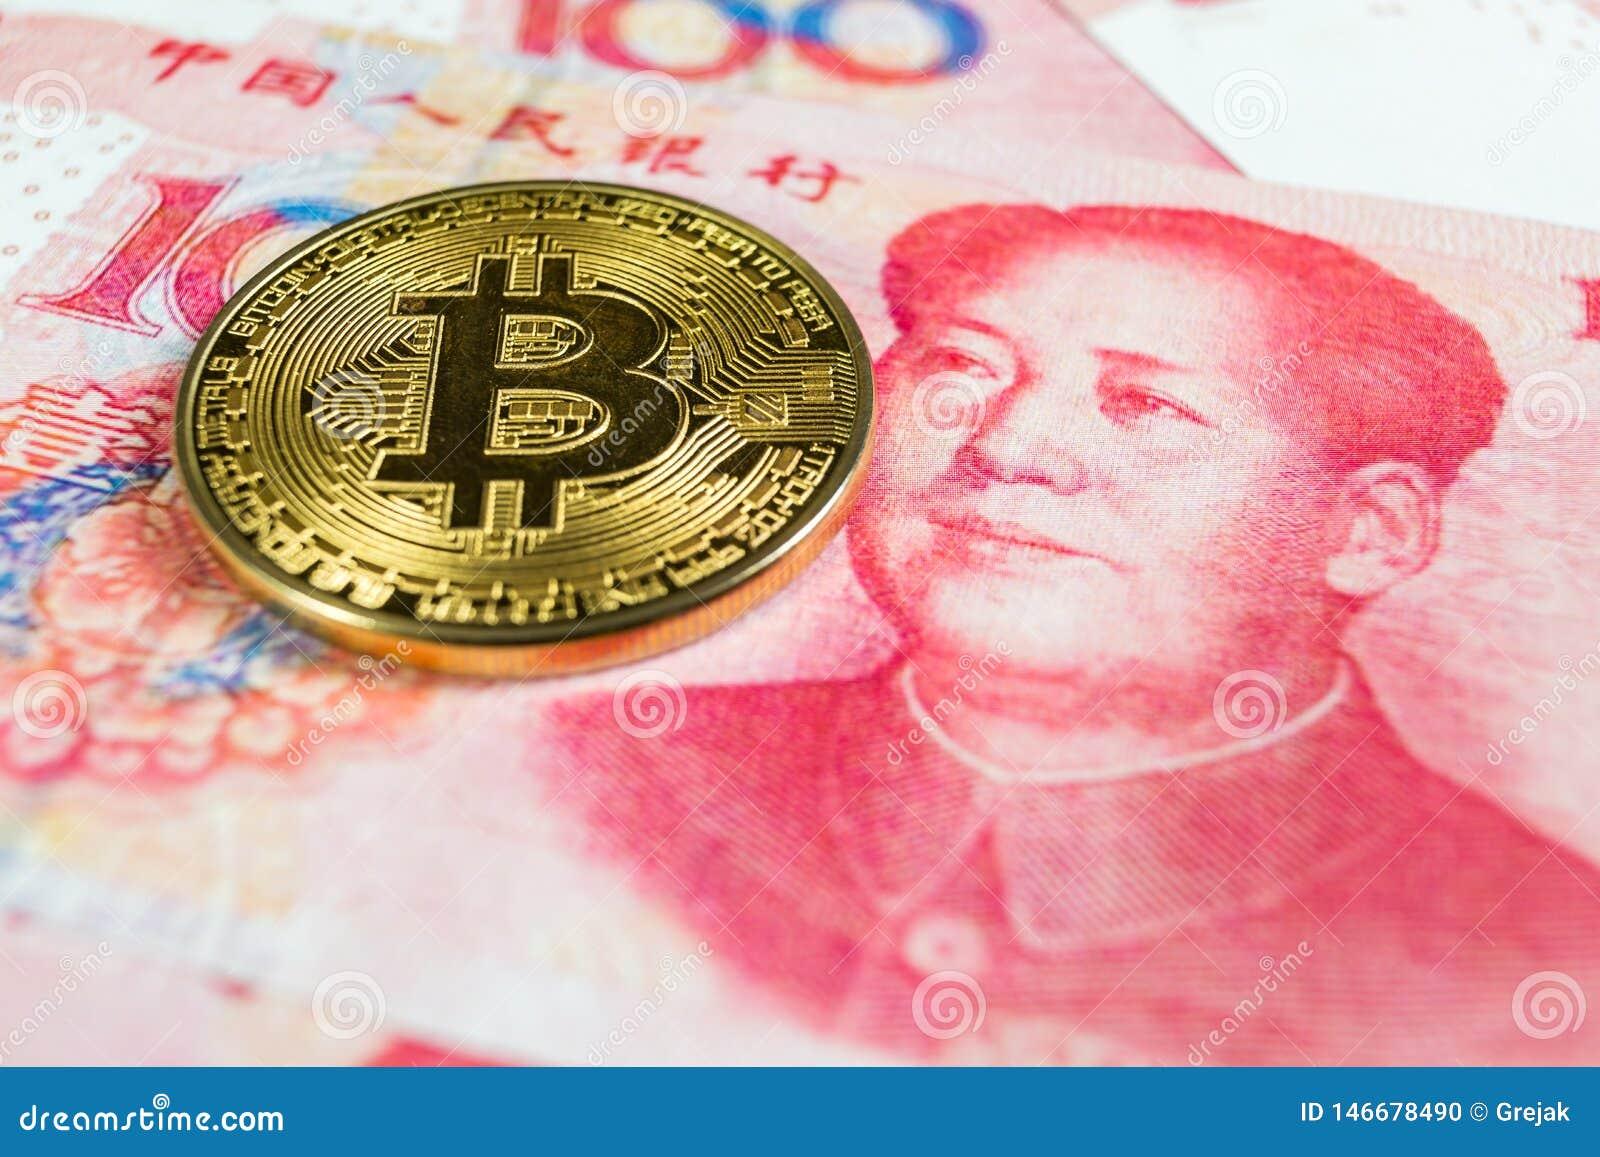 btc yuan)